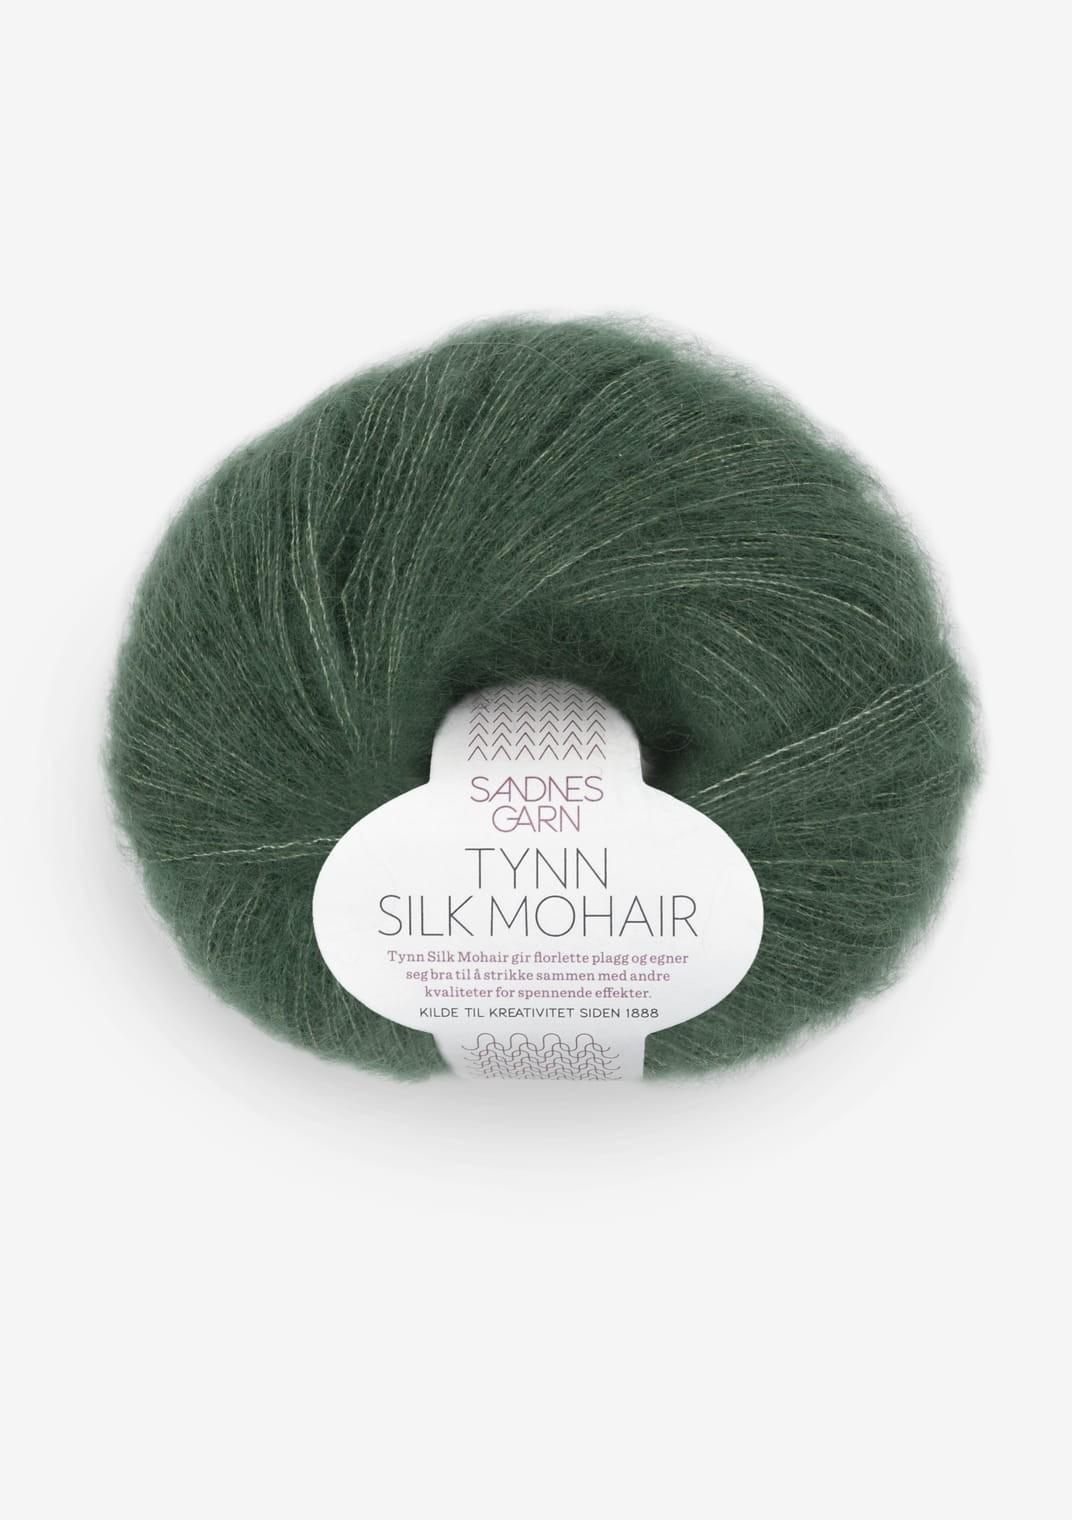 8581 Dyp Skoggrønn Tynn Silk Mohair SANDNES